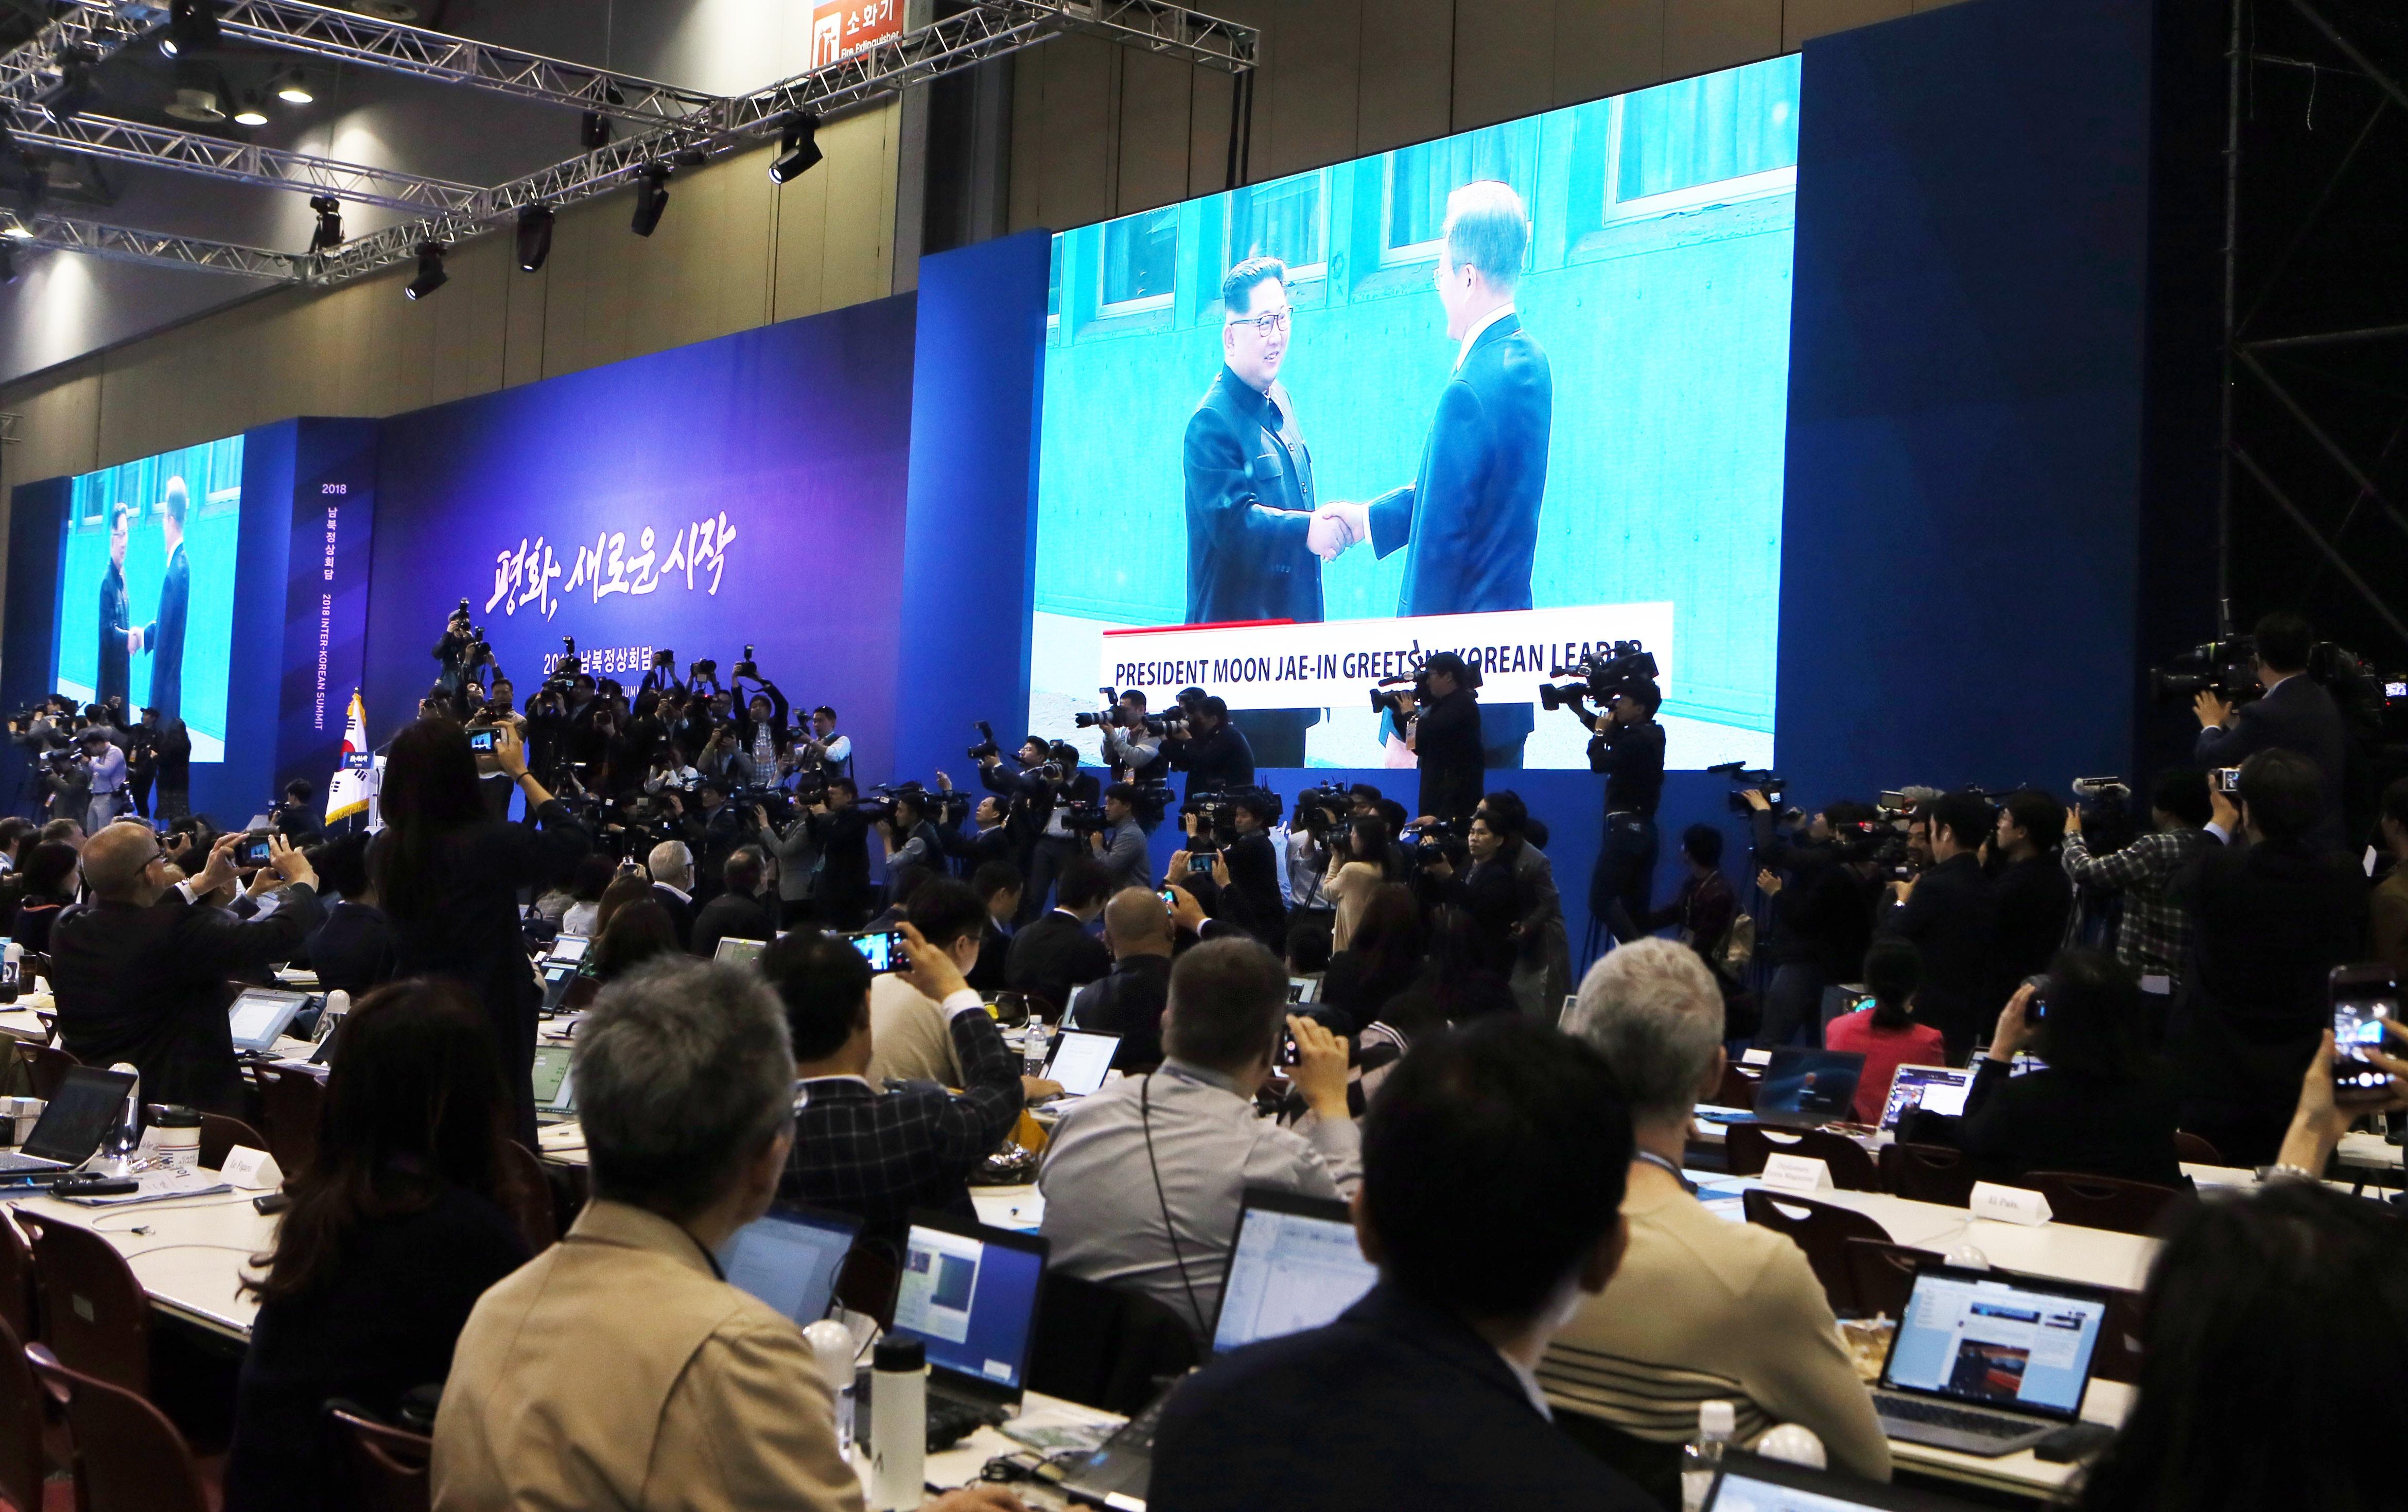 媒体述评:中国对半岛局势缓和发挥关键作用